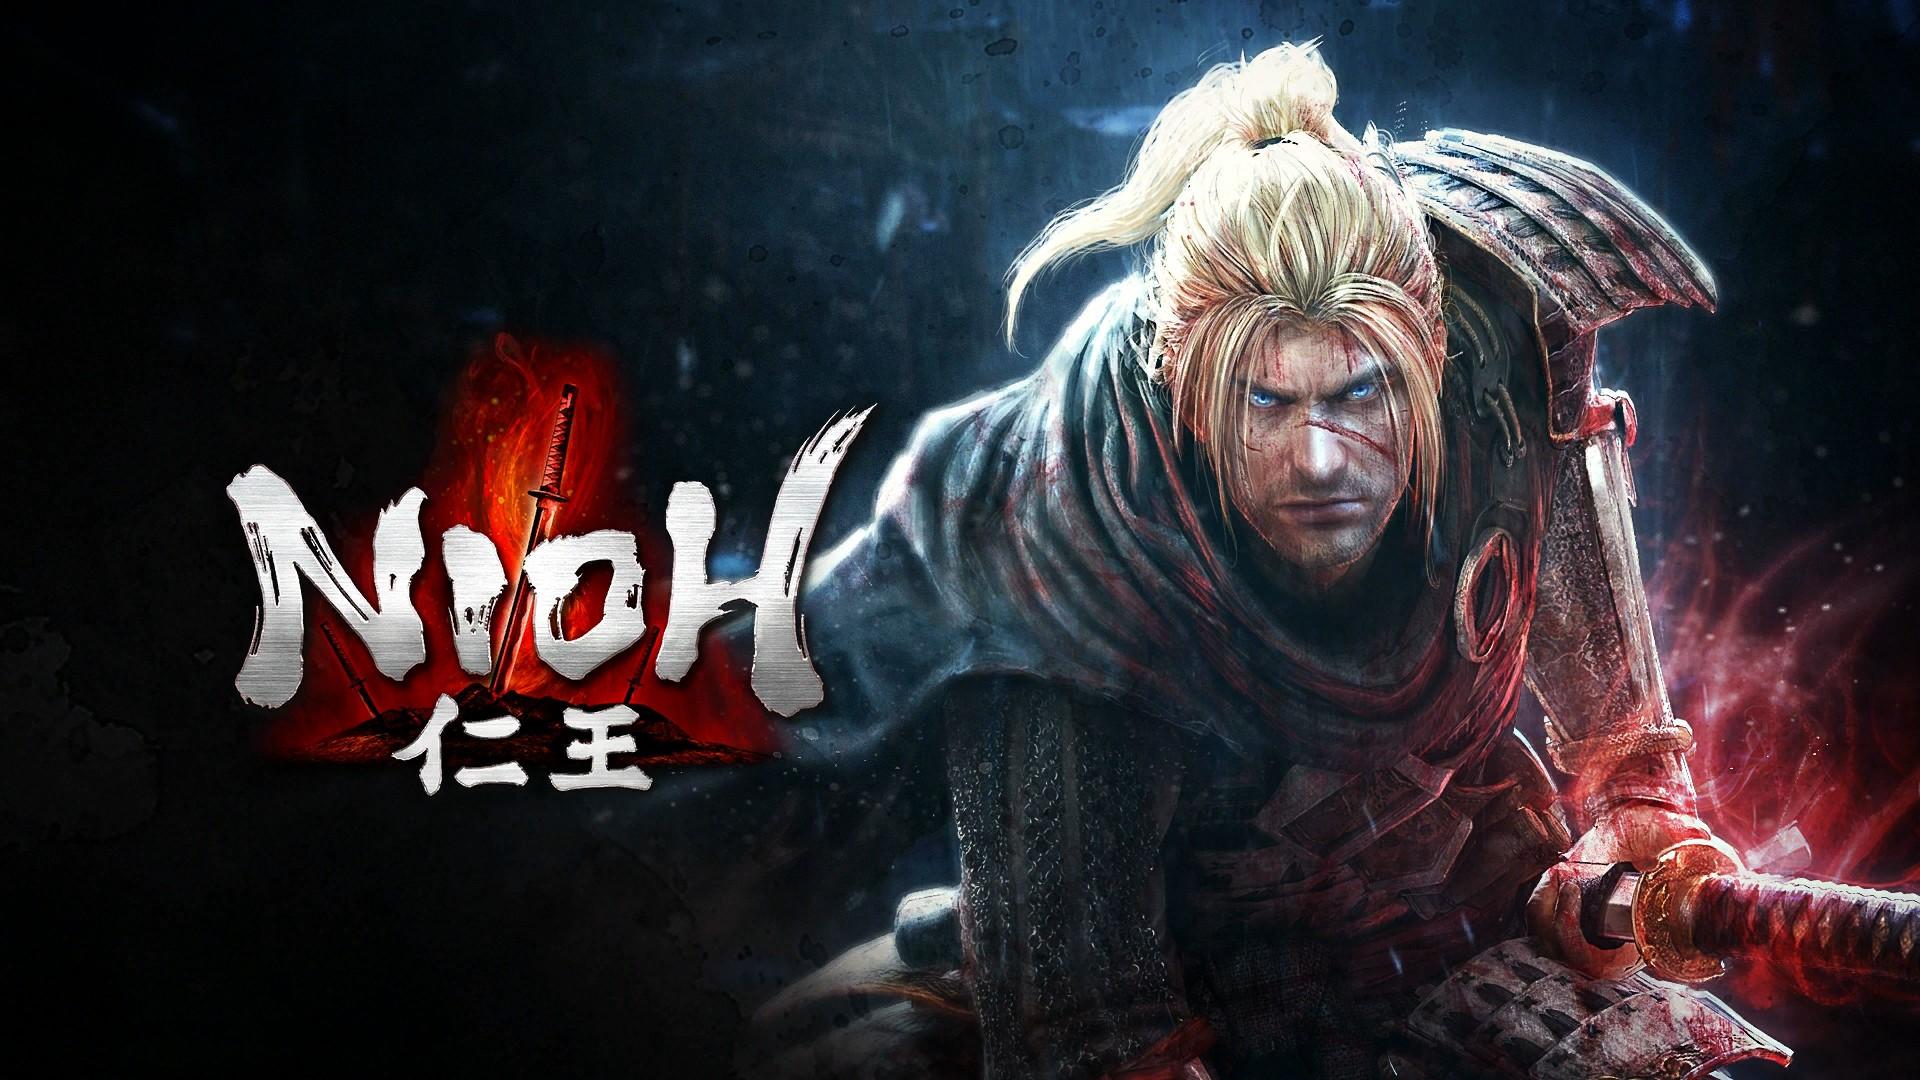 تاریخ انتشار نسخه PC بازی Nioh در نوامبر تایید شد